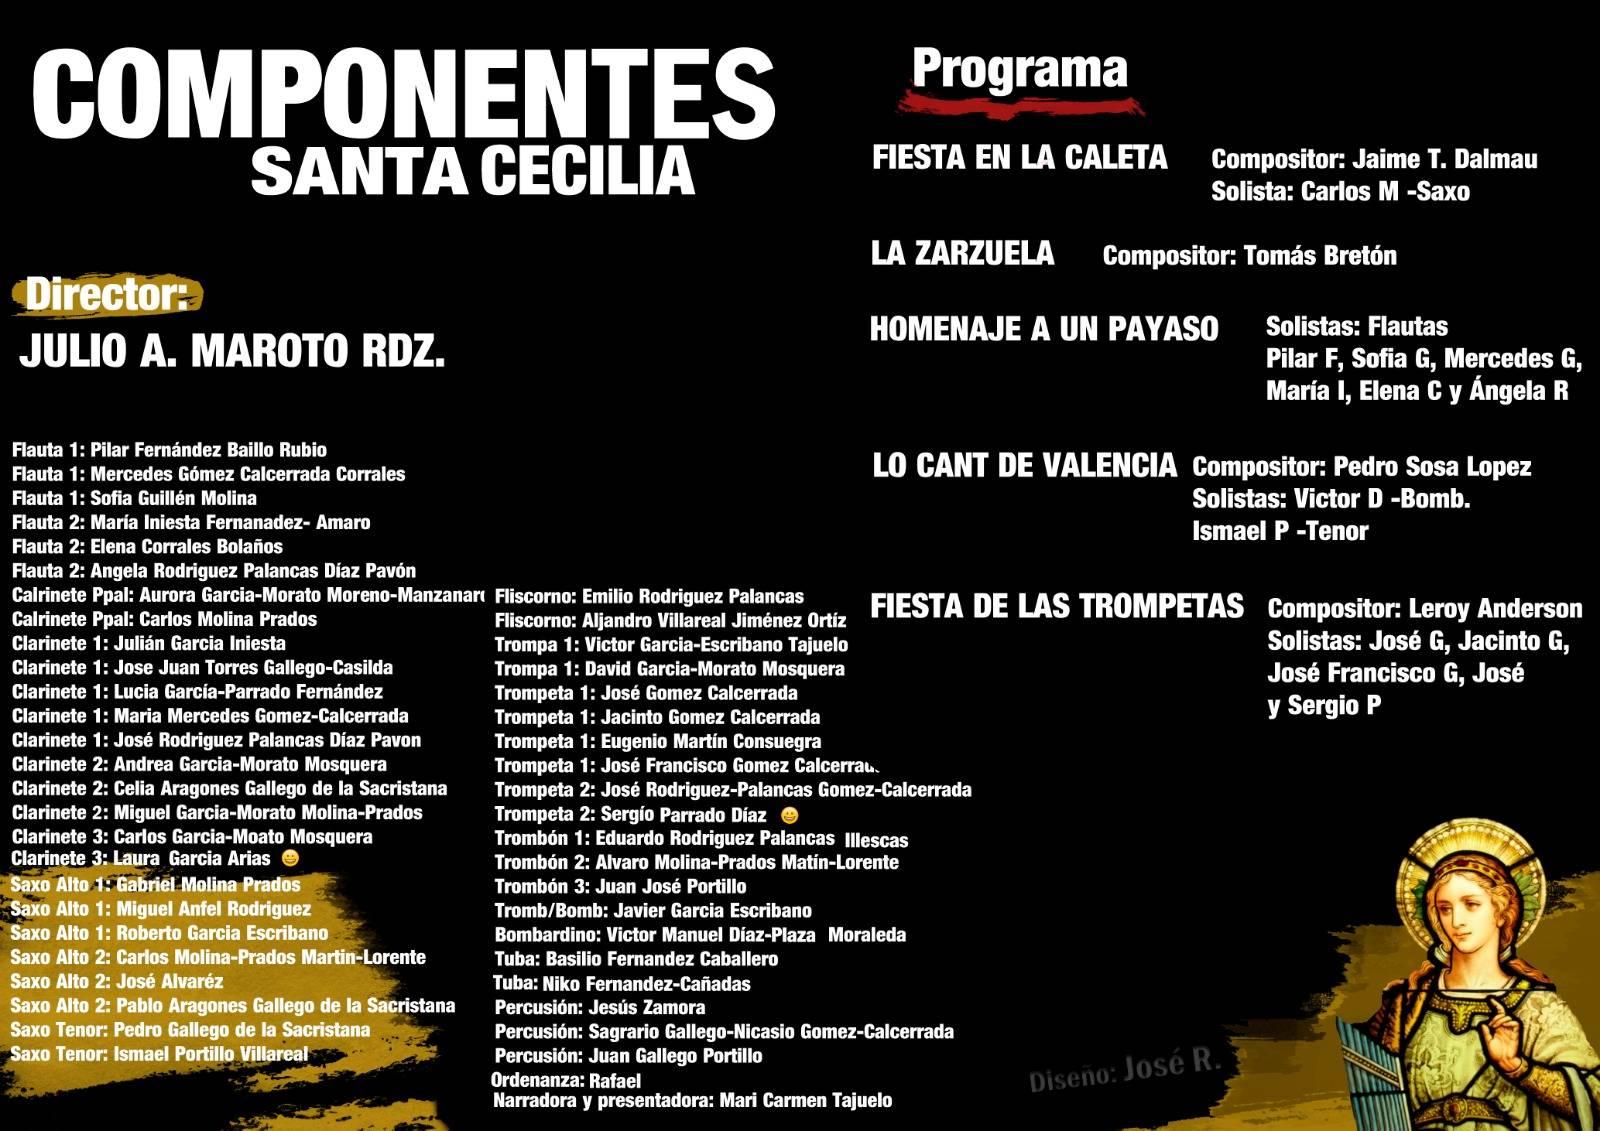 Componentes de la agrupaci%C3%B3n musical santa cecilia de Herencia - Concierto y actos en honor a Santa Cecilia